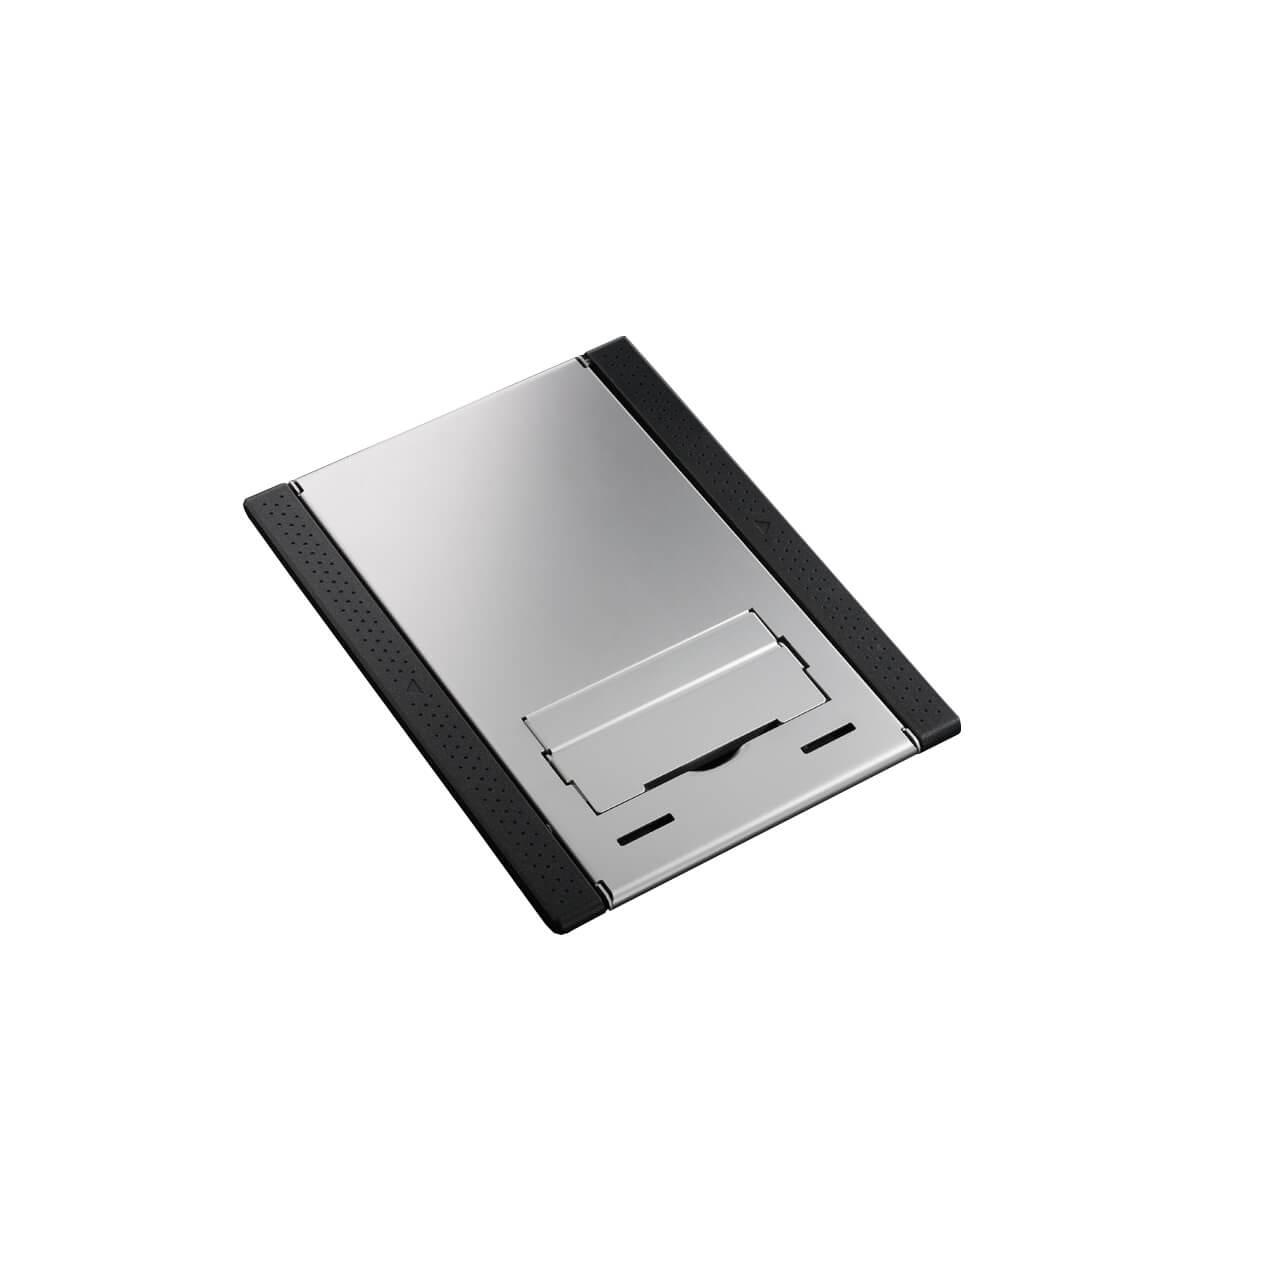 Ergostar Flexible Laptopstandaard